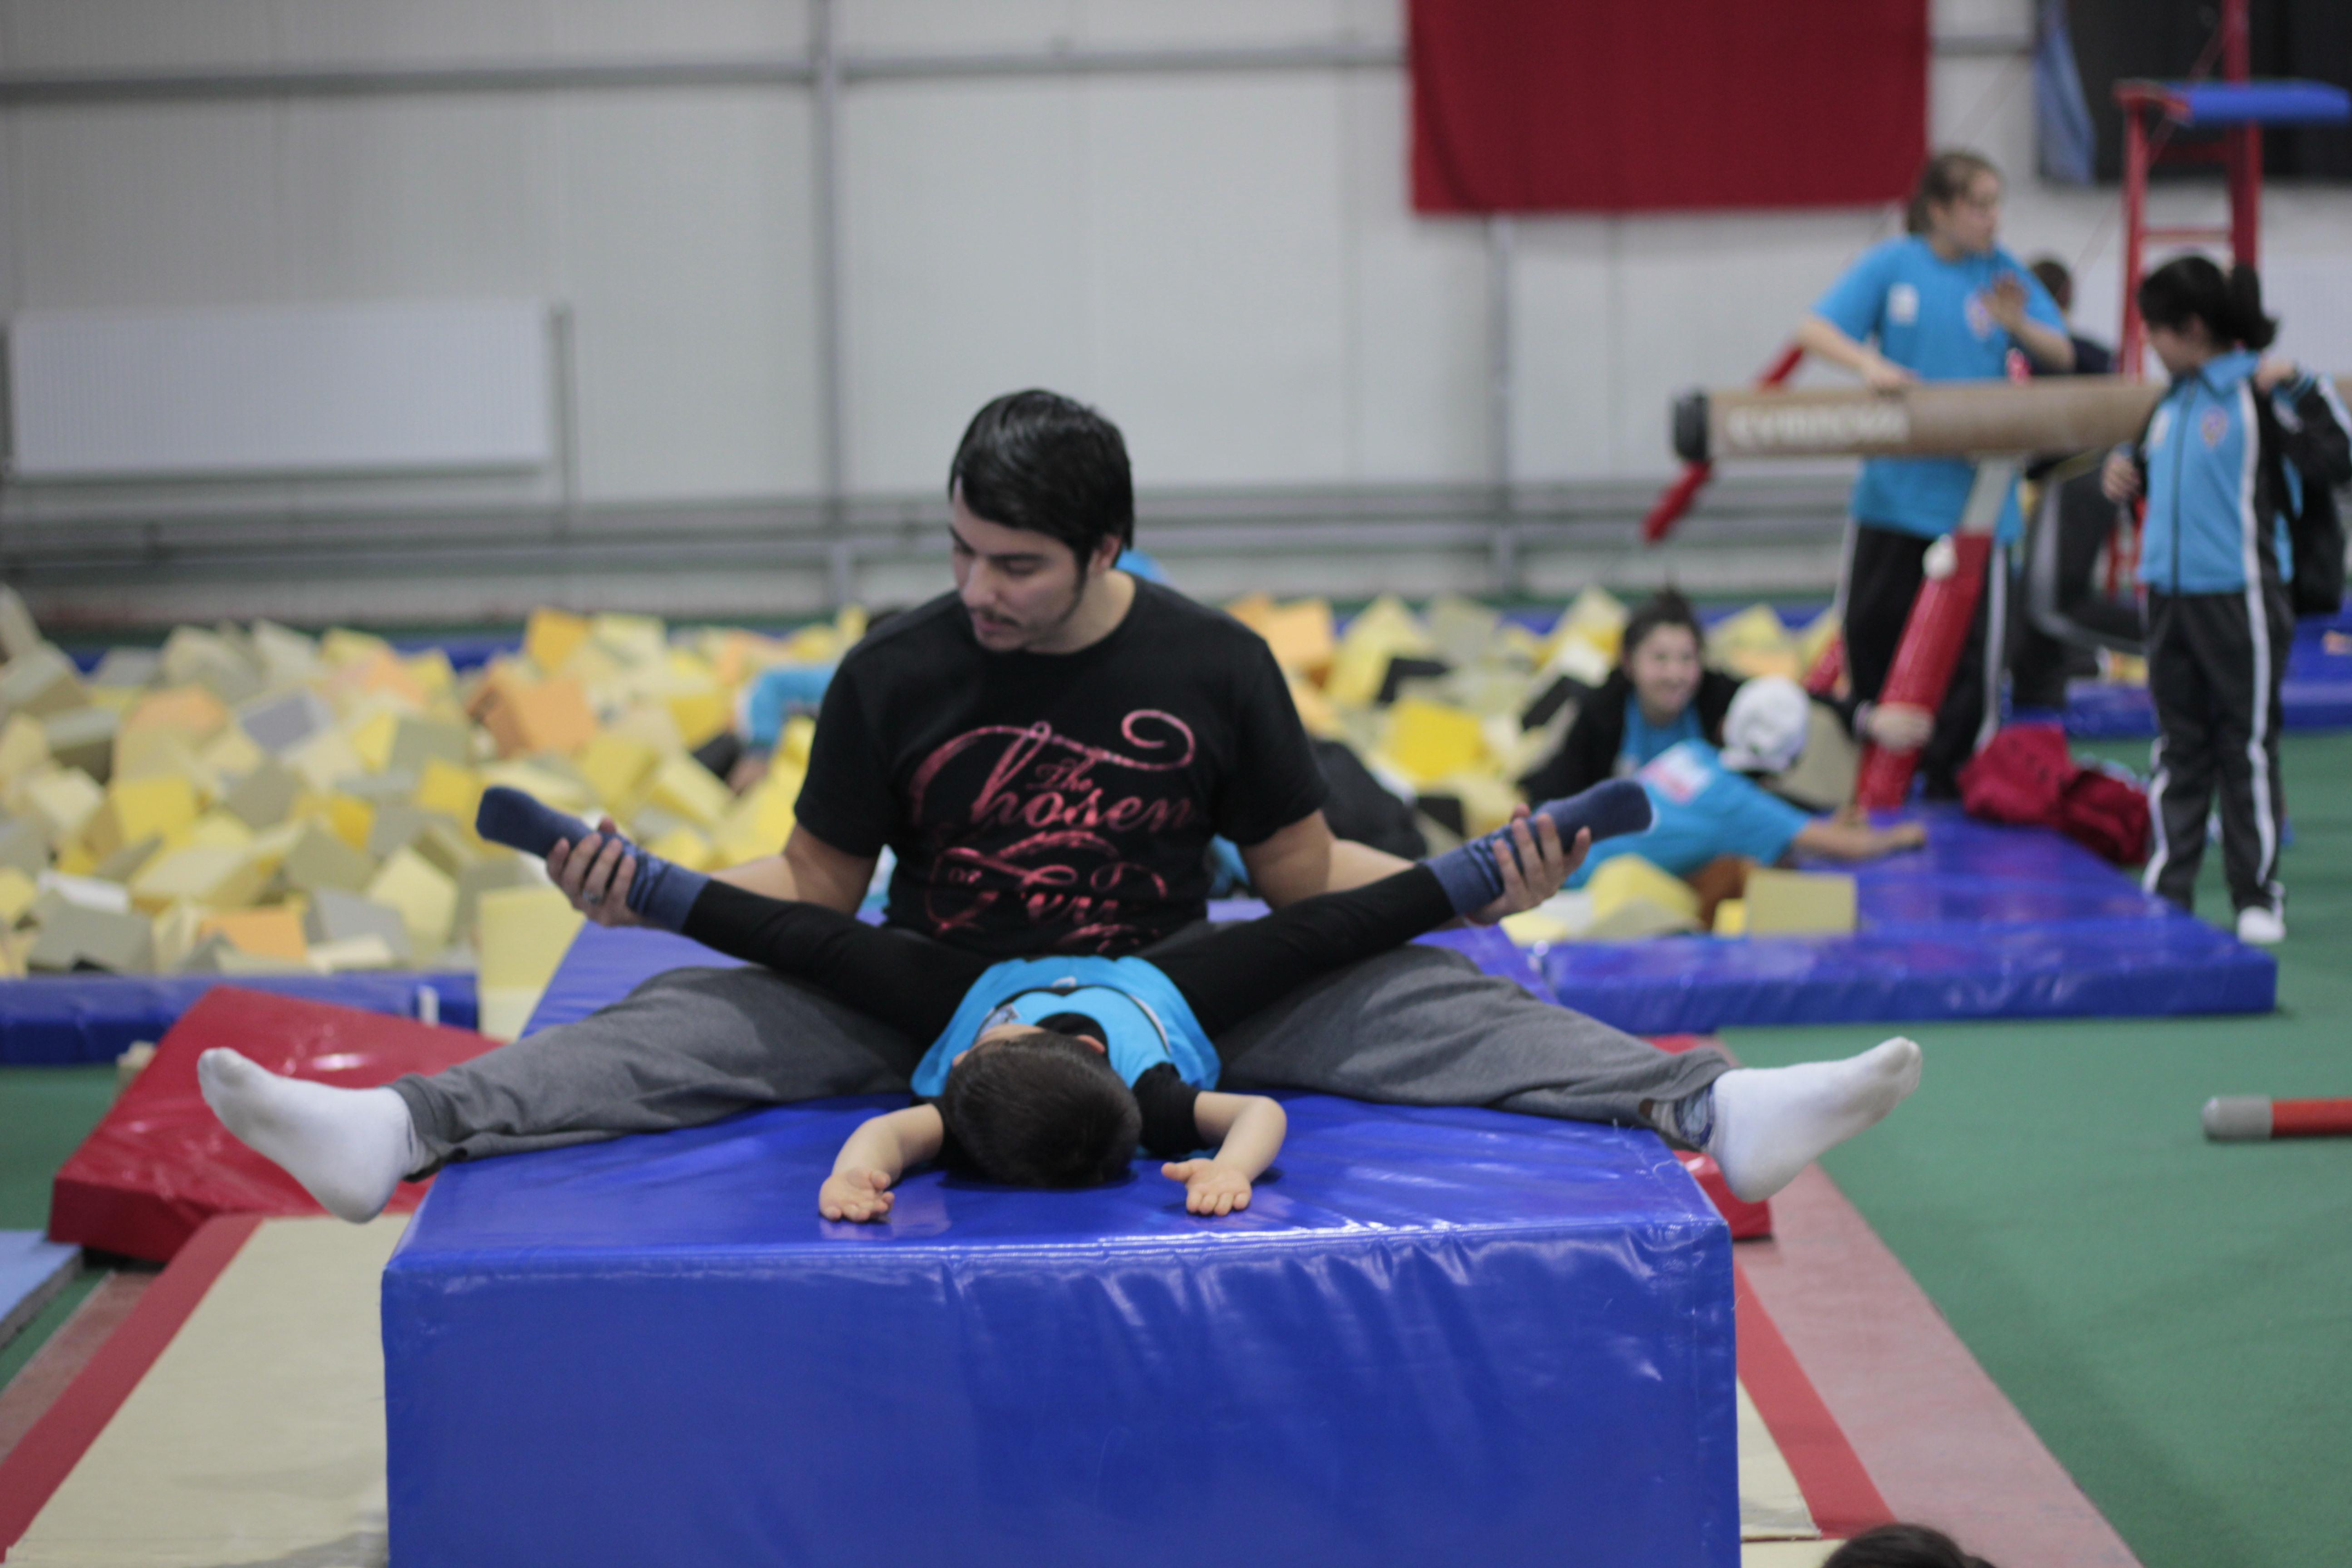 Çocuklar için jimnastik dansları. Ritmik Cimnastiğin Avantaj ve Dezavantajları 33